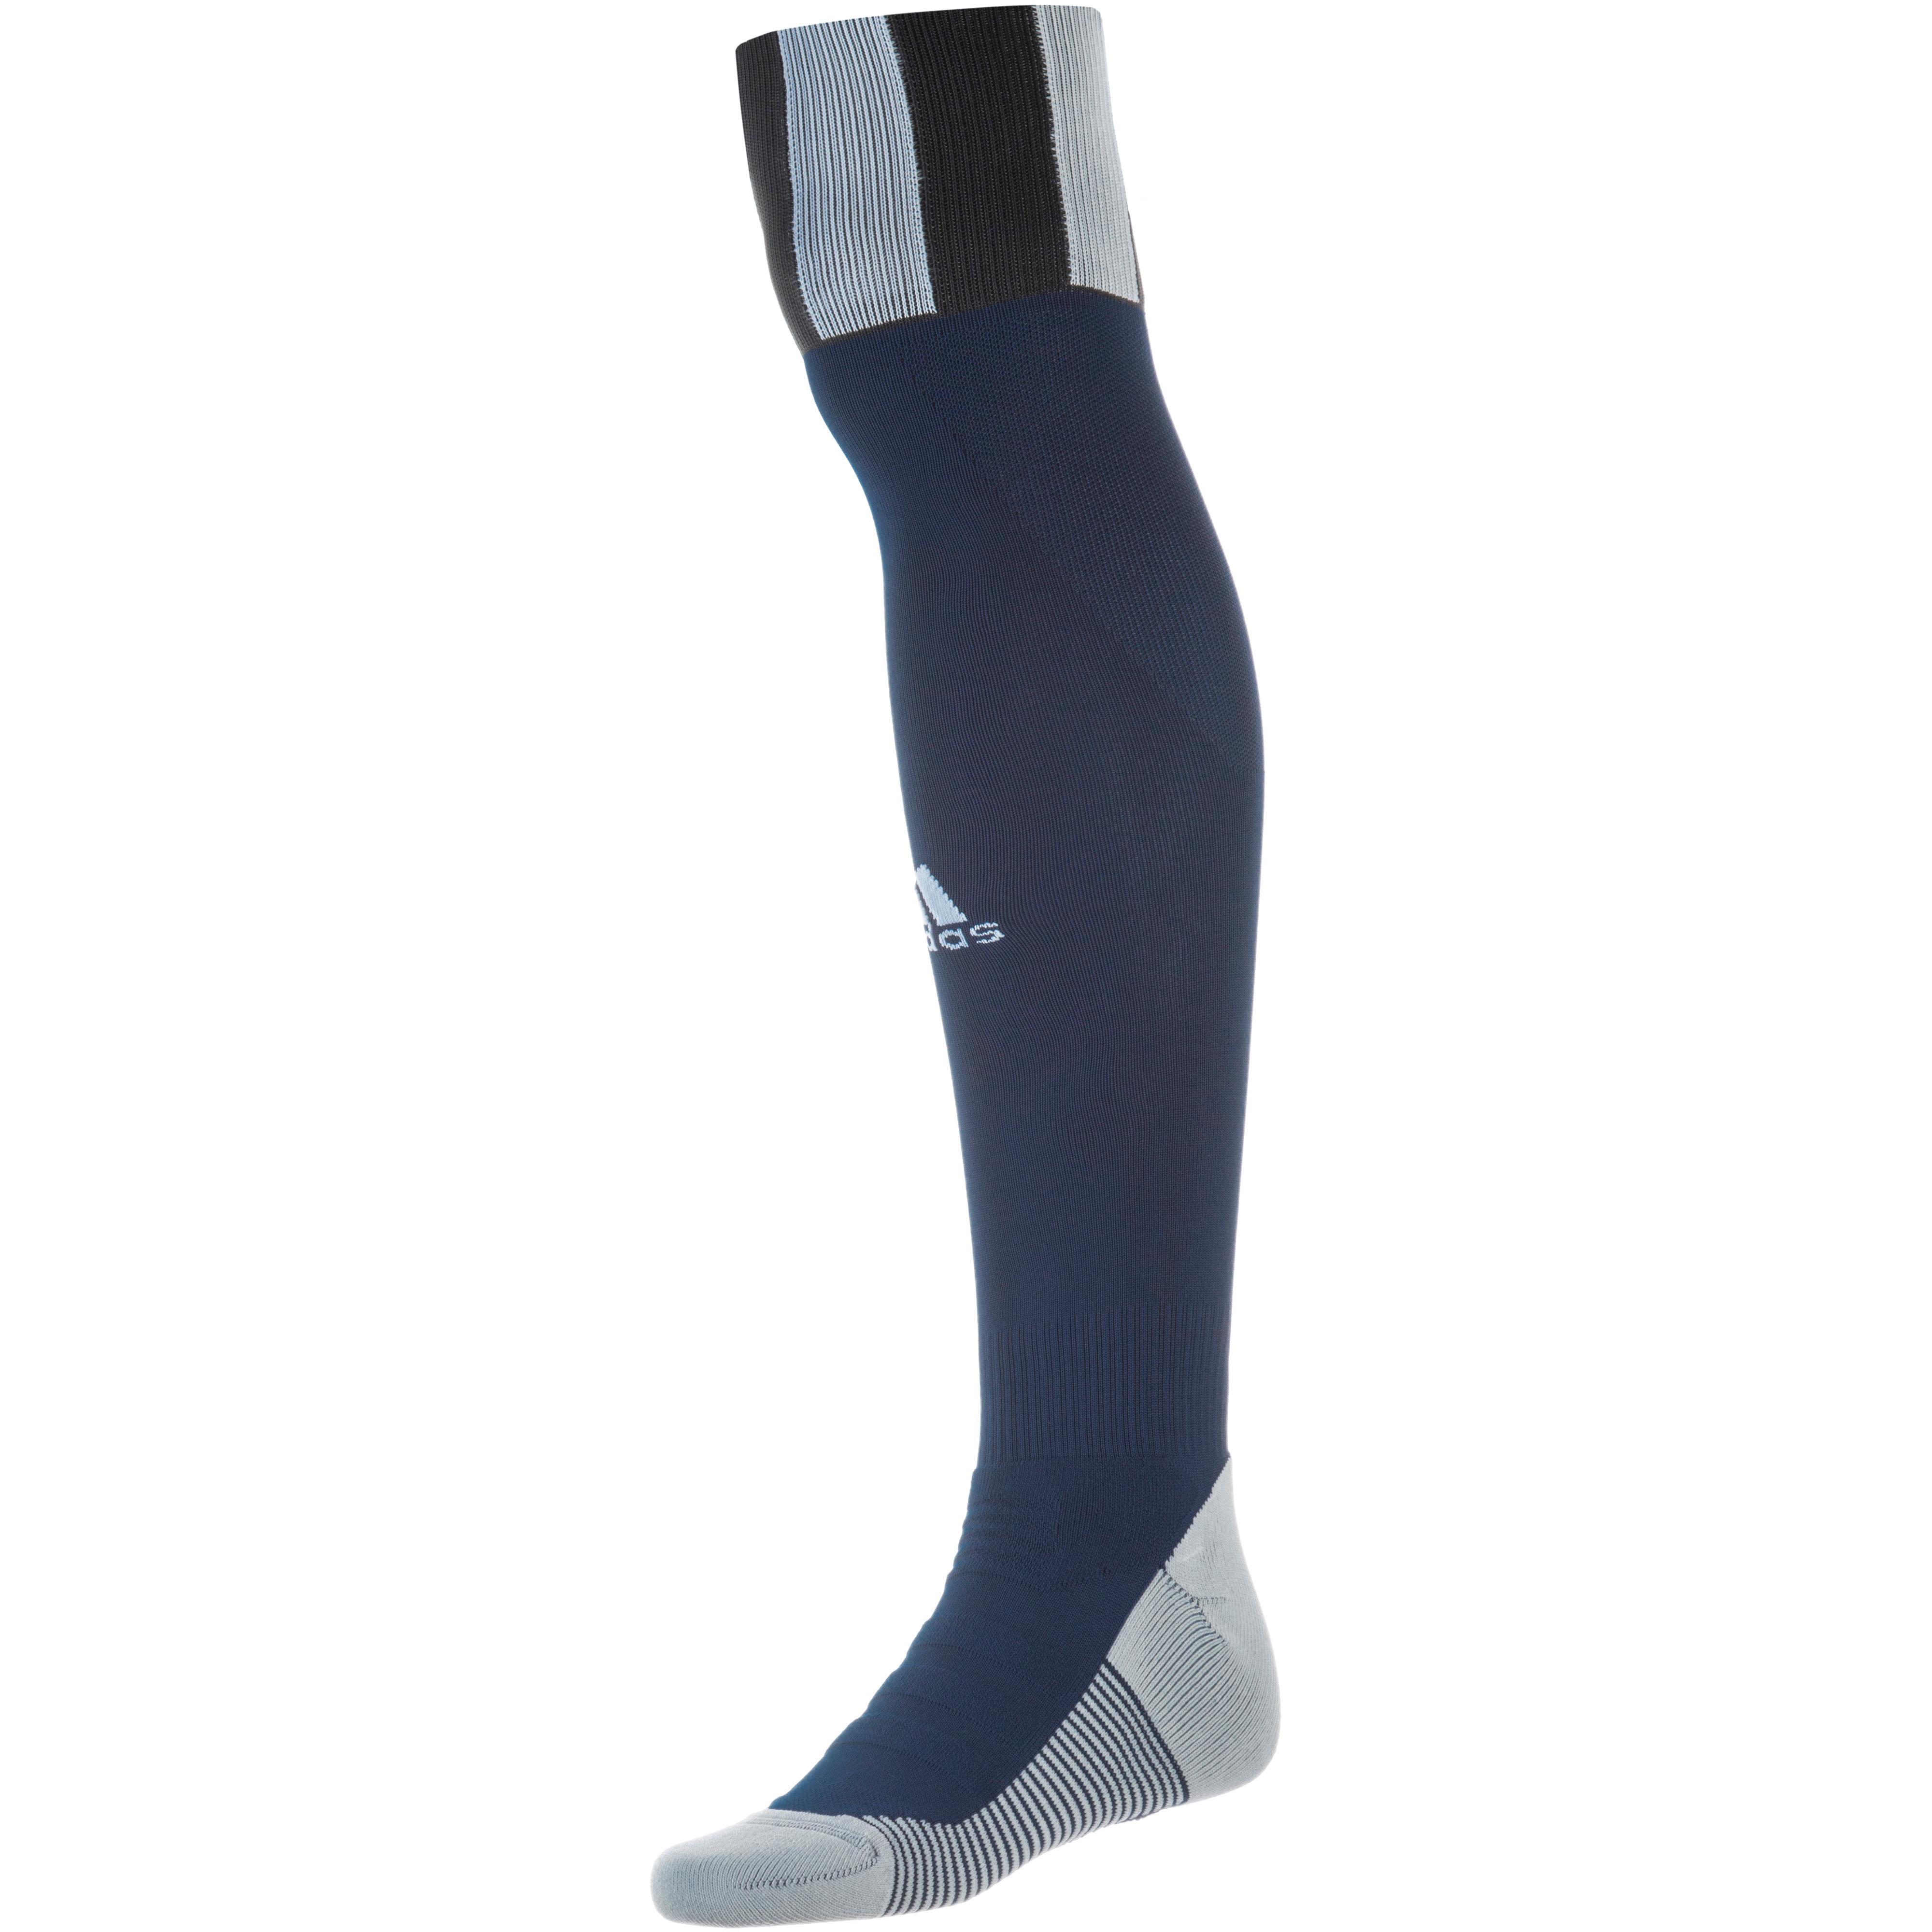 Socken & Beinlinge bei Sportiply